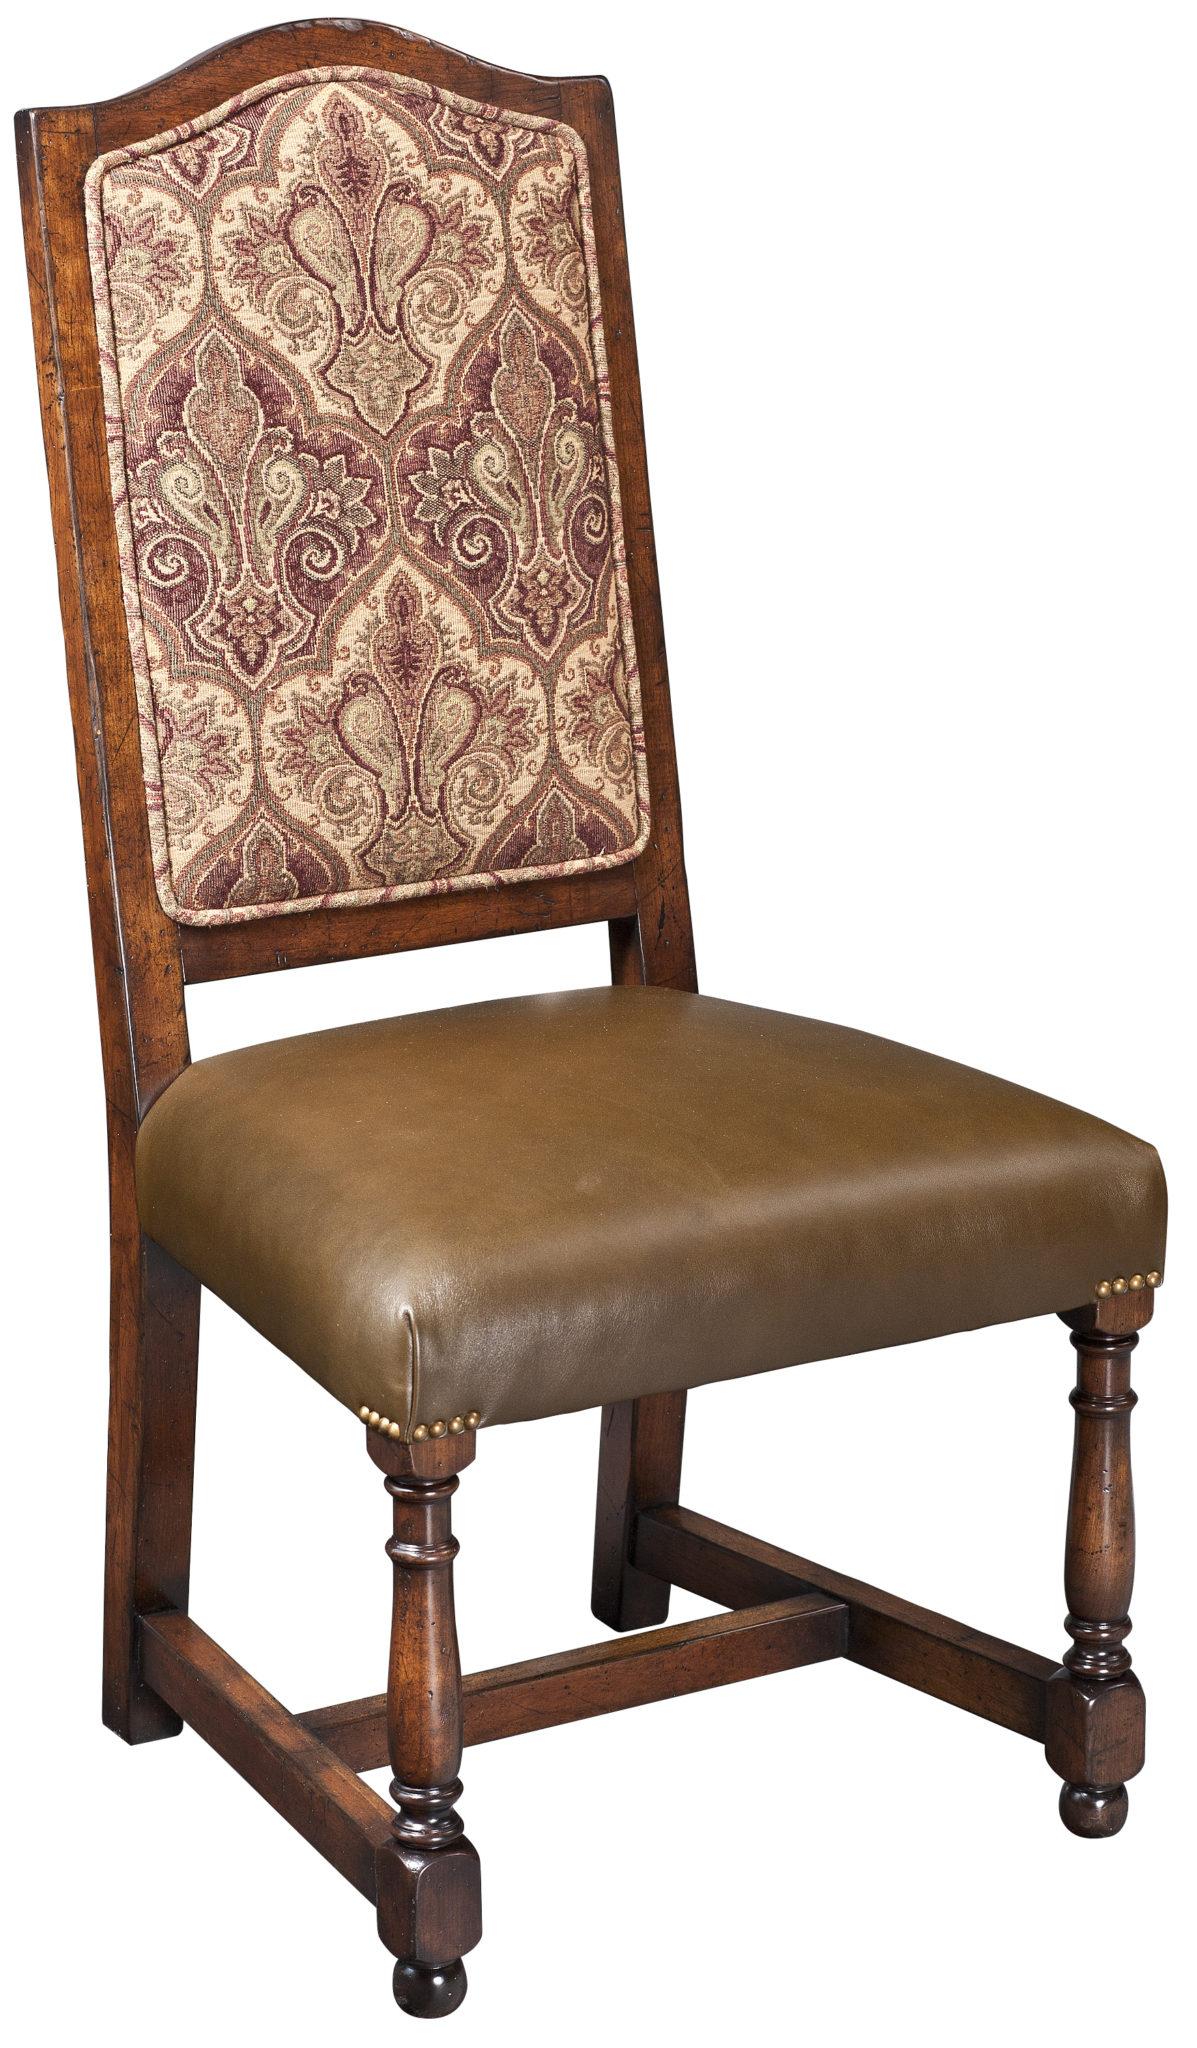 348U-3-Lochcarron-Side-Chair.jpg